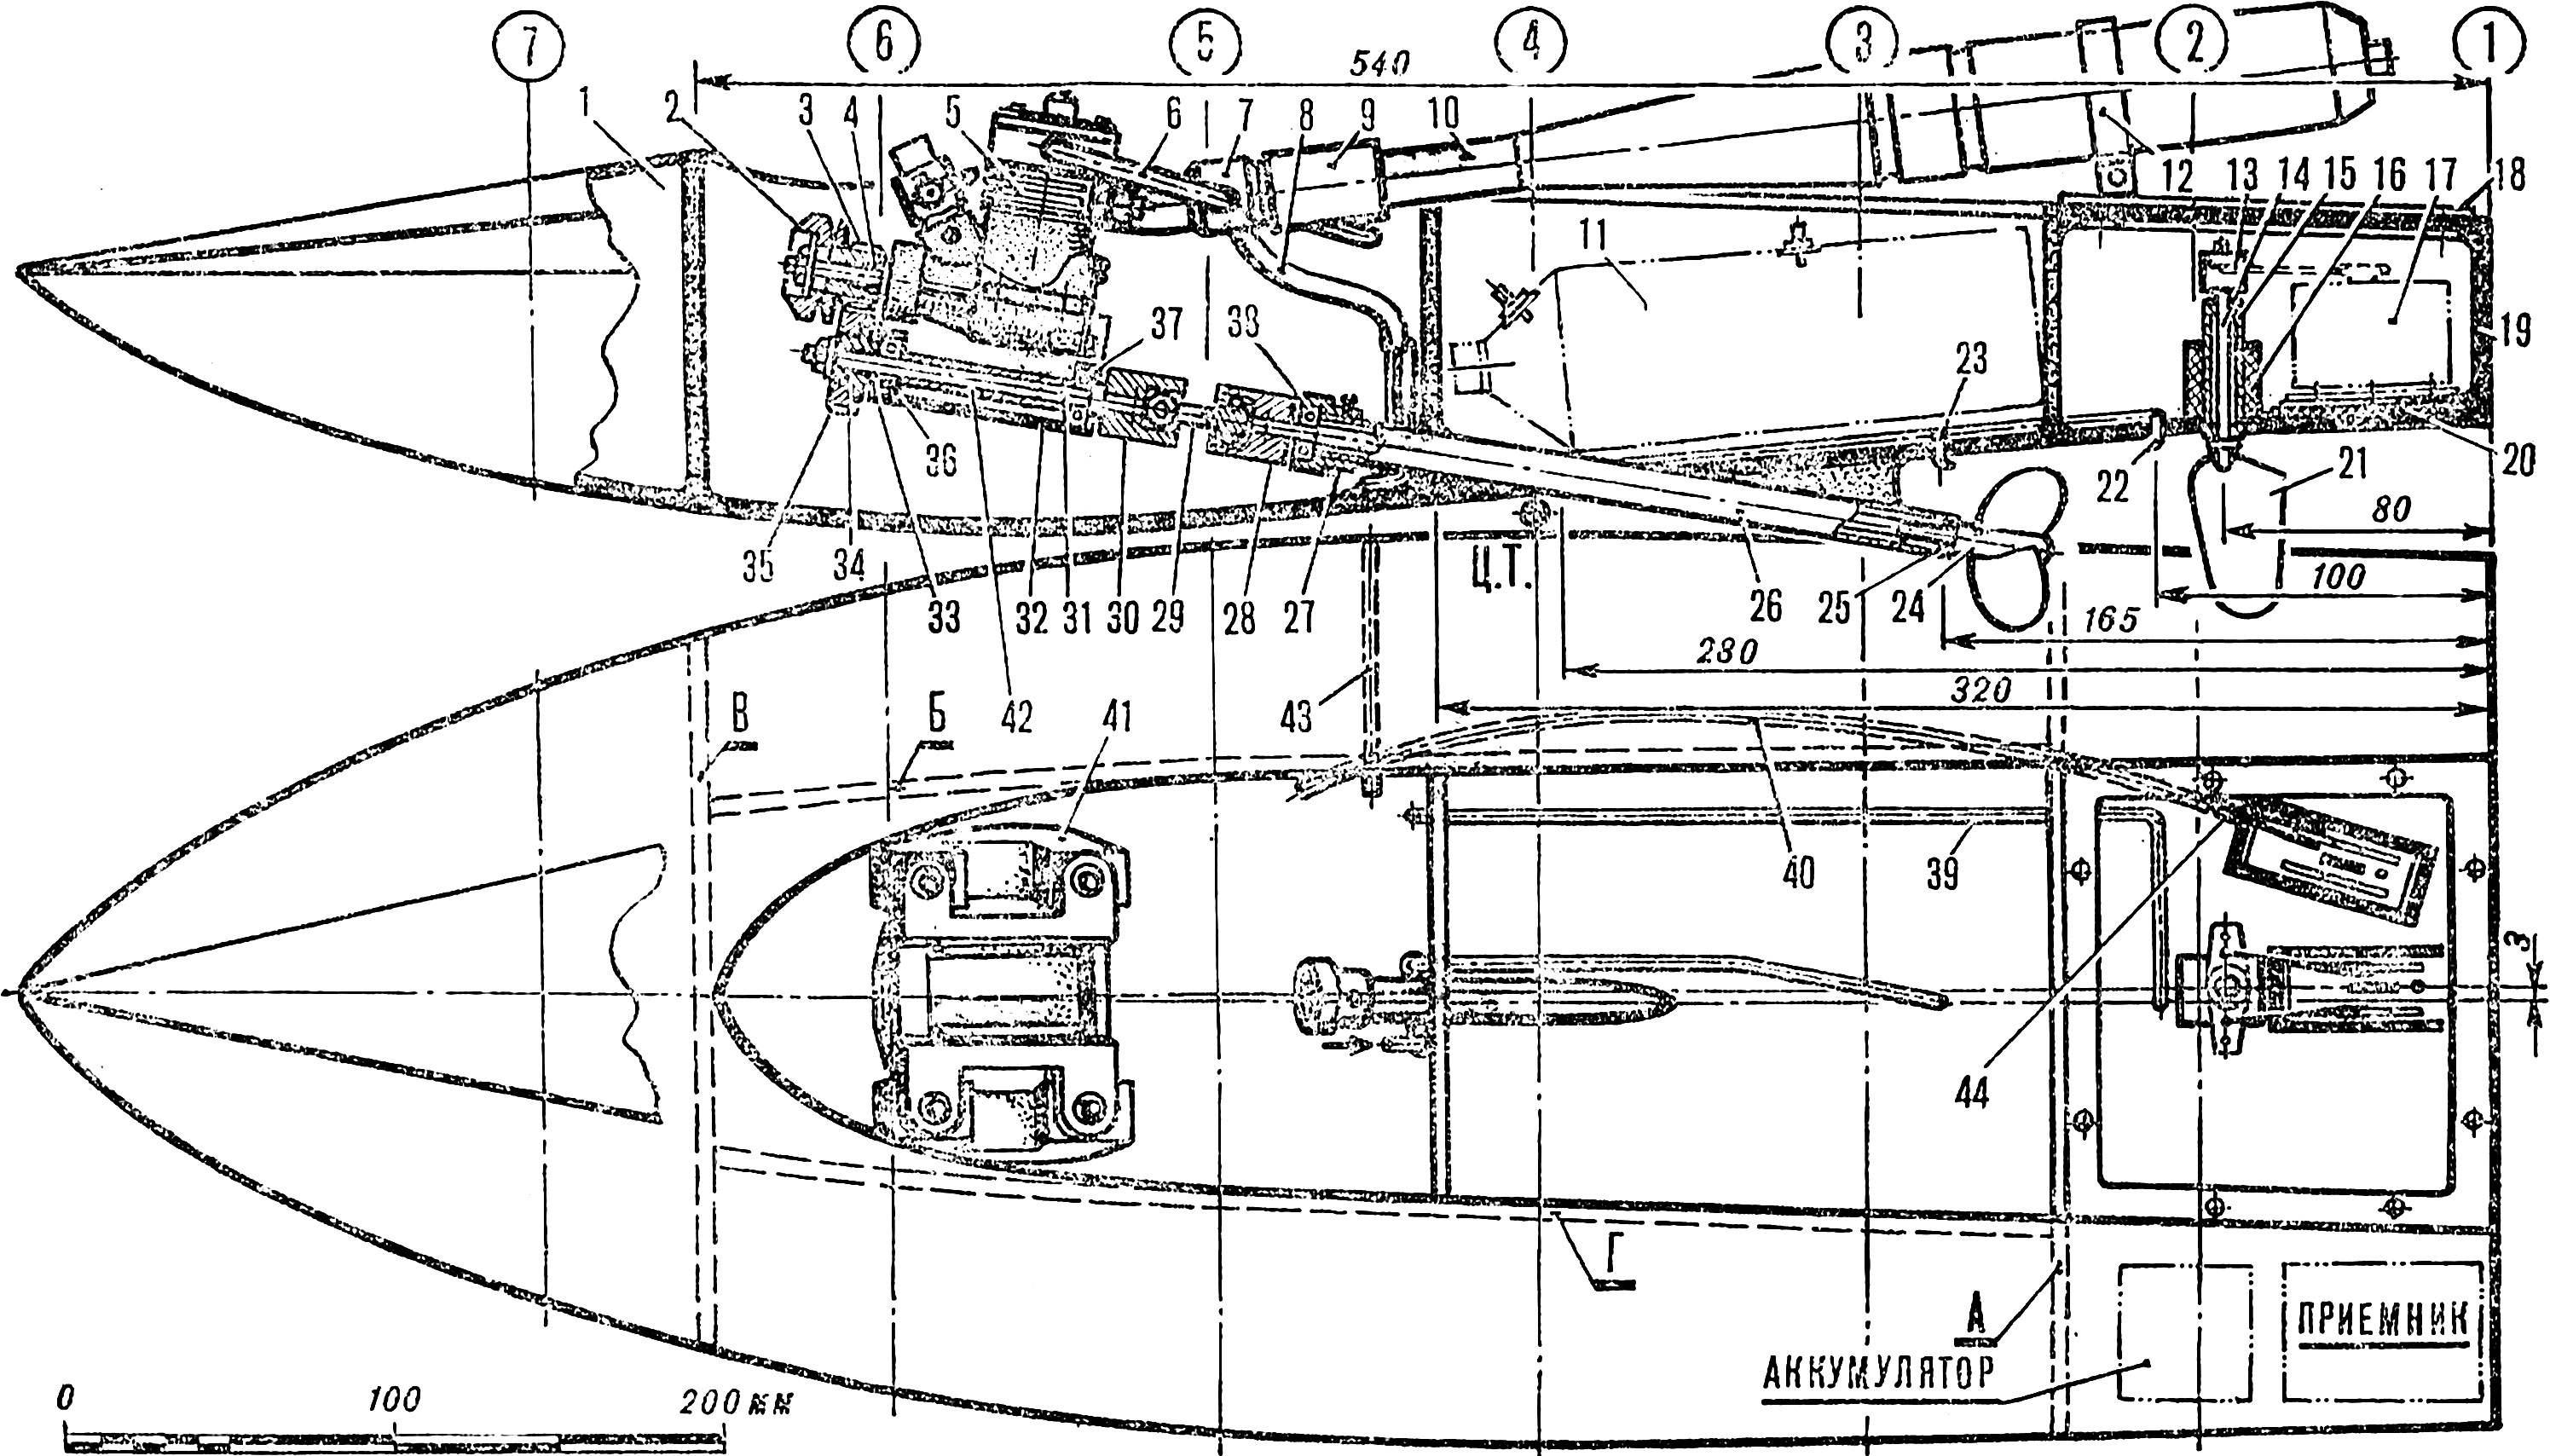 Рис. 3. Радиоуправляемая судомодель для длительных гонок с микродвигателем рабочим объемом 3,5 см3.